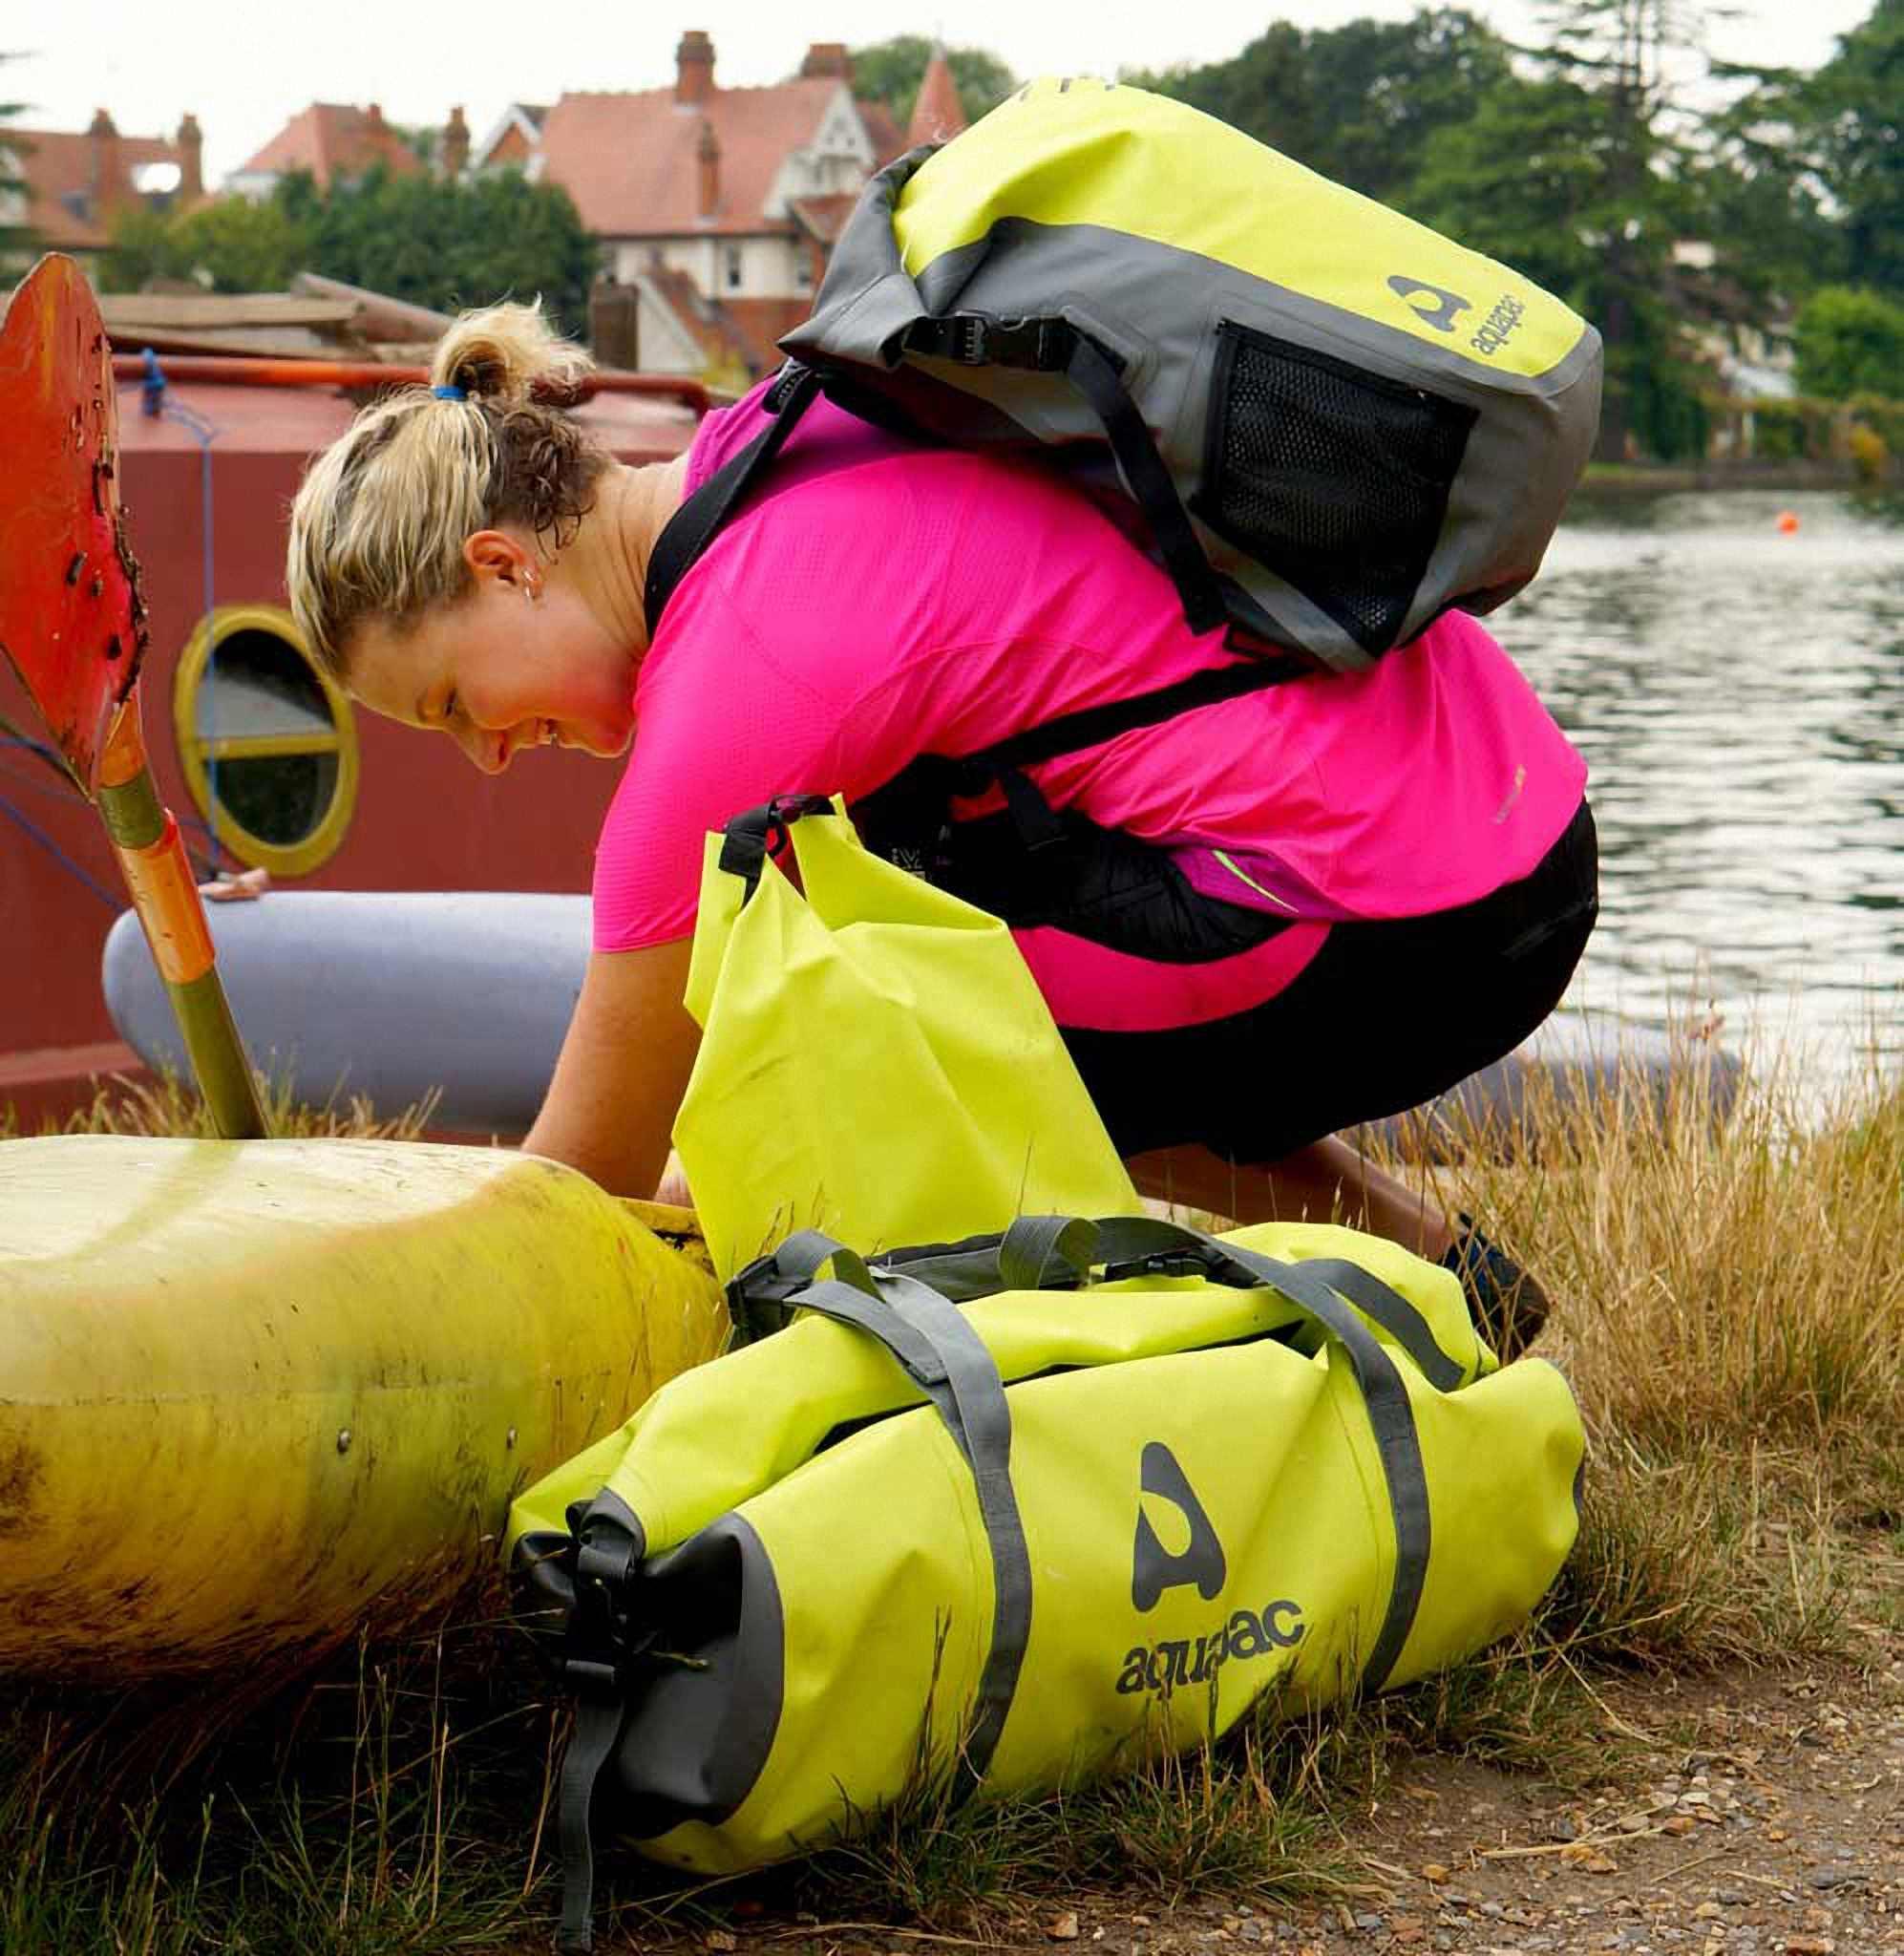 Водонепроницаемая сумка Aquapac 725 - TrailProof Duffels - 90L.. Aquapac - №1 в мире водонепроницаемых чехлов и сумок. Фото 5